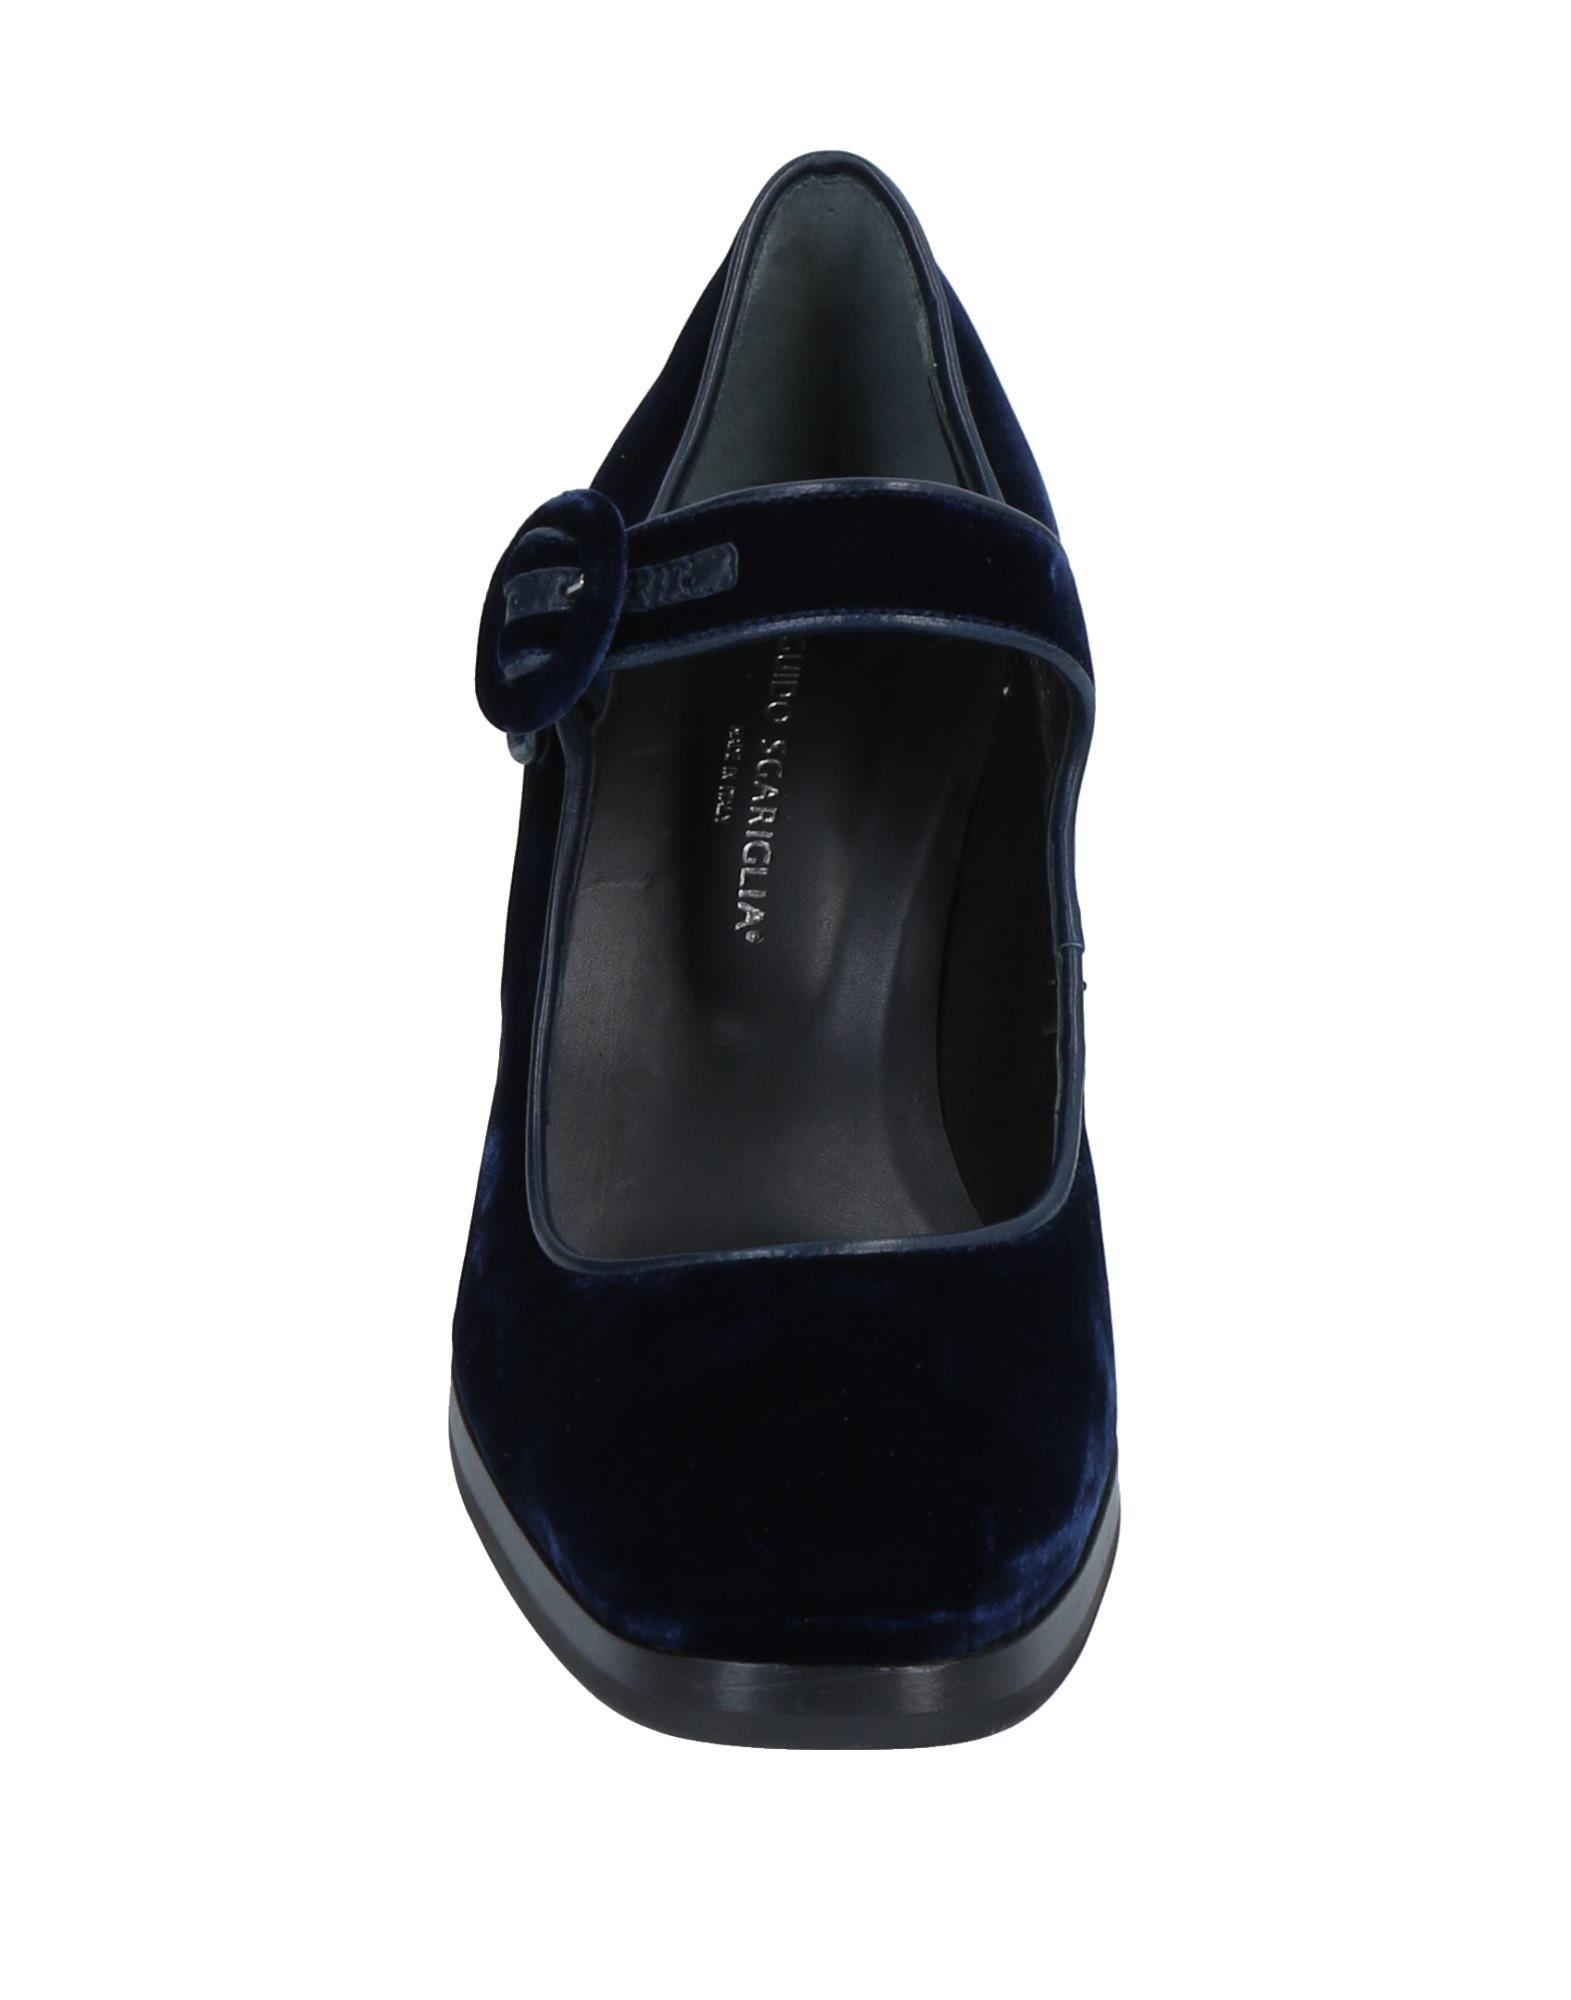 Gut um billige Damen Schuhe zu tragenGuido Sgariglia Pumps Damen billige  11543144WU 789b9b